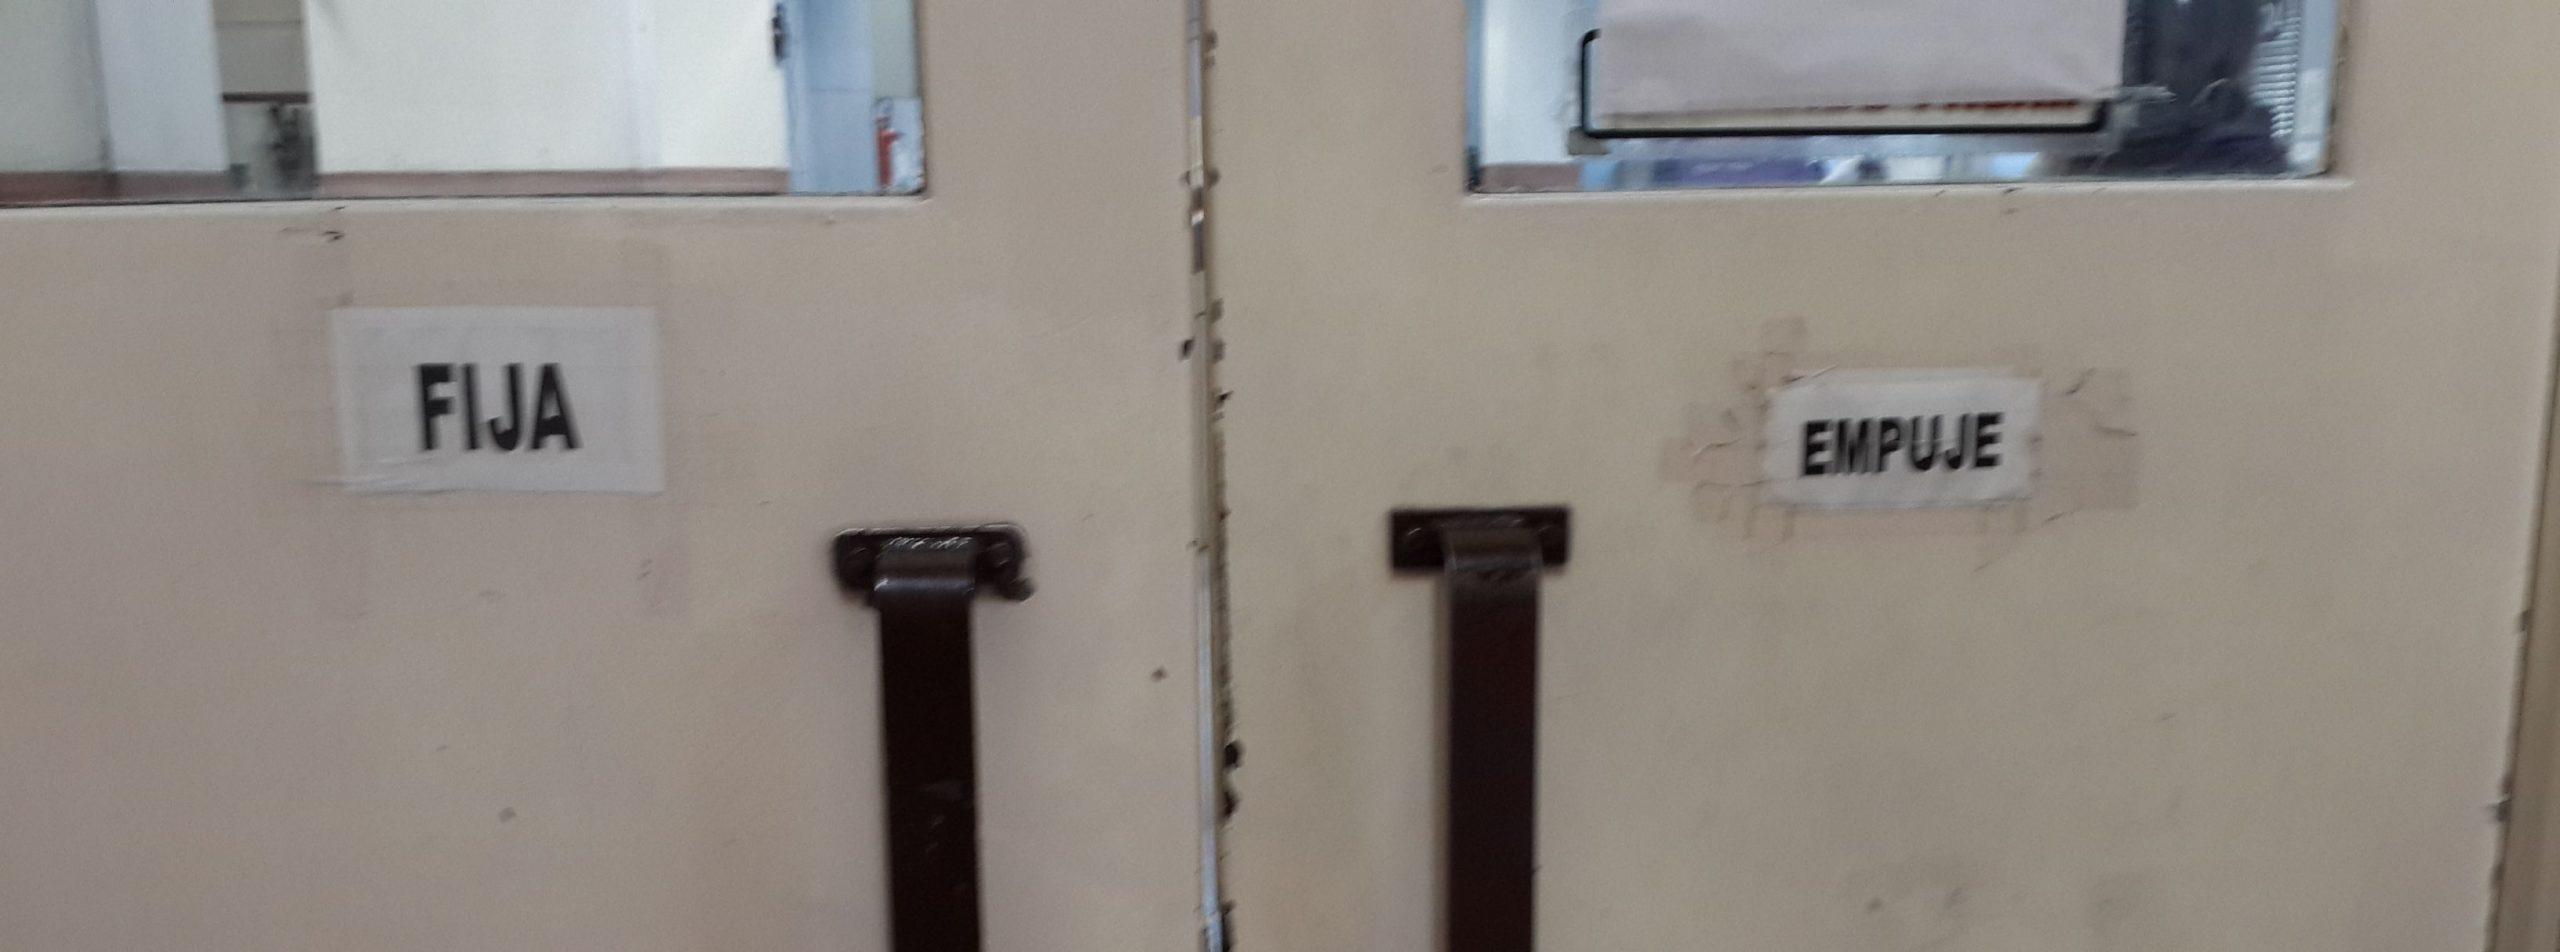 Puertas poco usables